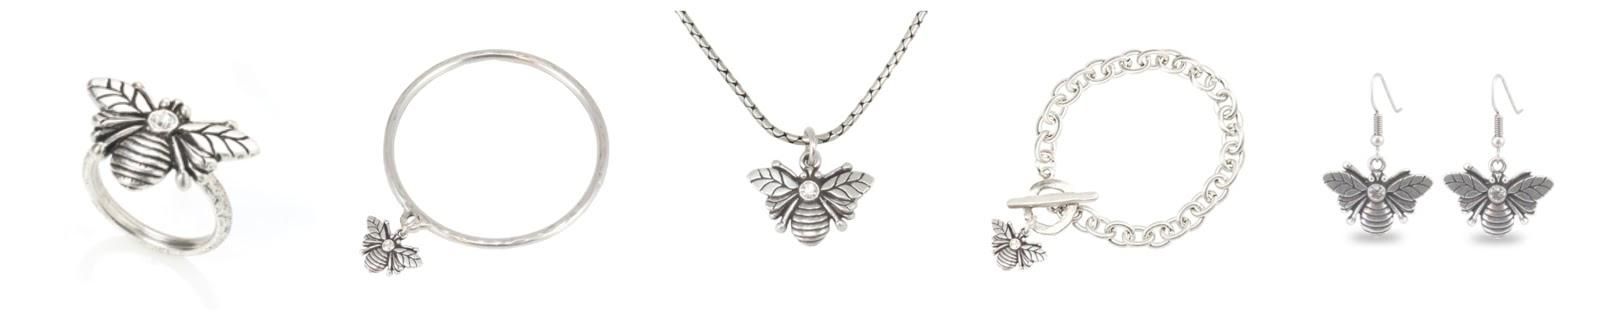 Danon jewellery, Swarowski bee ncklace, ring, arrings, bracelet